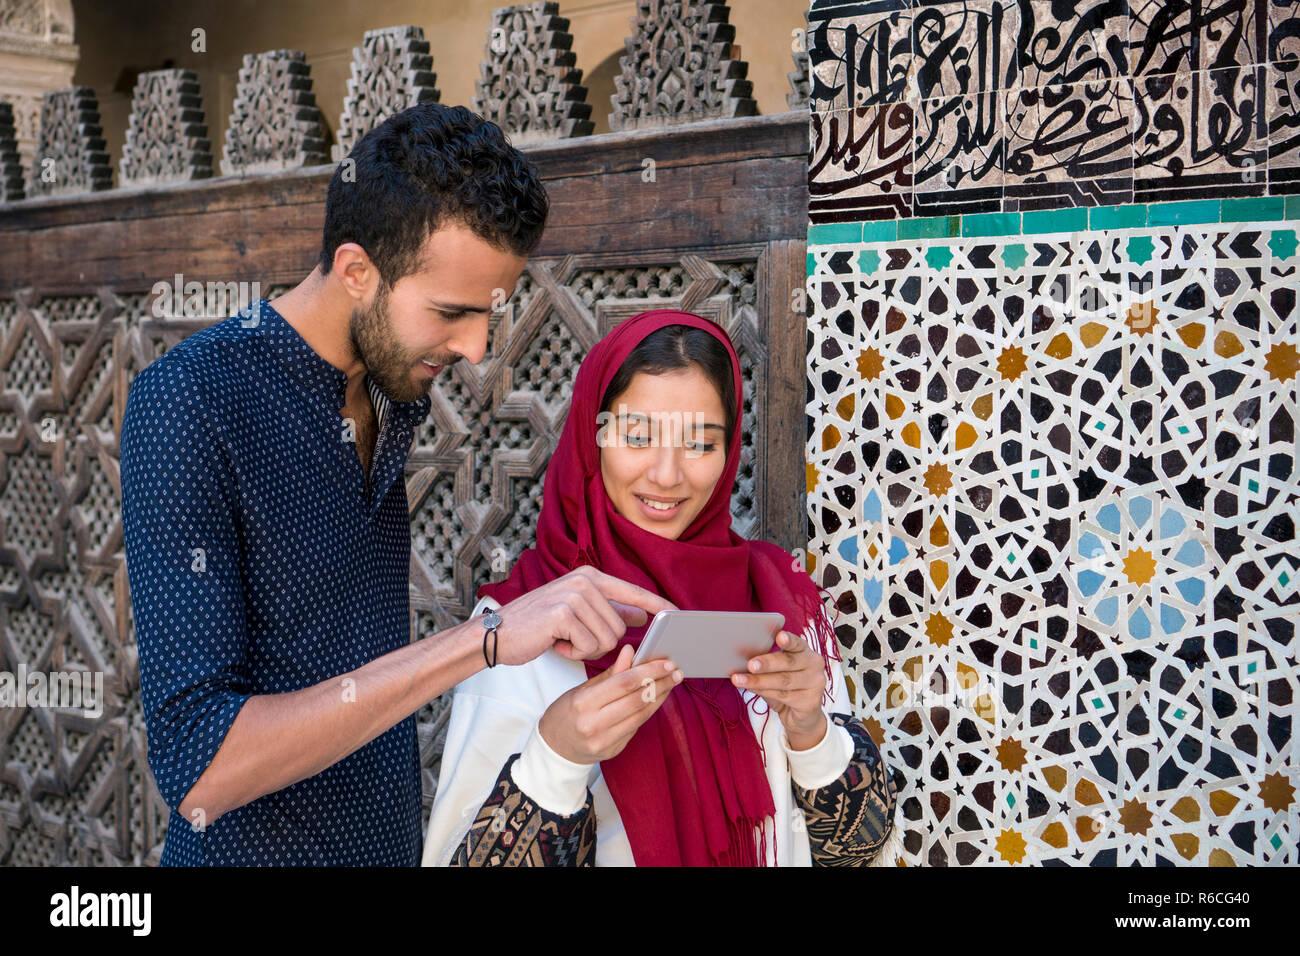 Pareja musulmana sonriendo mirando celular junto al muro marroquí decoración arabescos Imagen De Stock